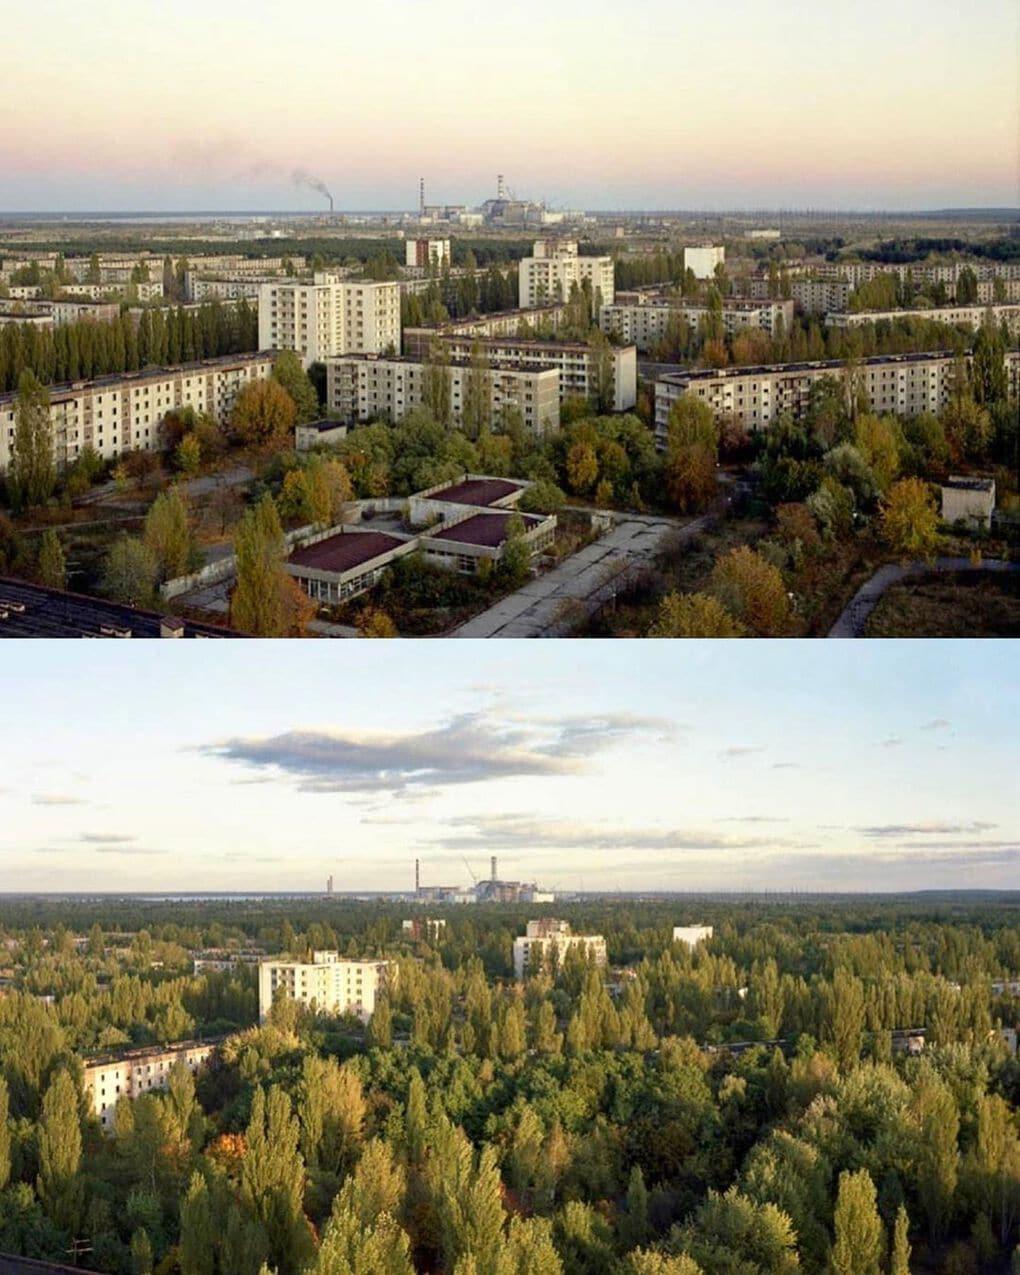 chernobyltvshow 64214853 698976093877128 6187016888451621770 n 1 - 20 фотографий из Чернобыля, которые показывают, как природа восстанавливает заражённую землю